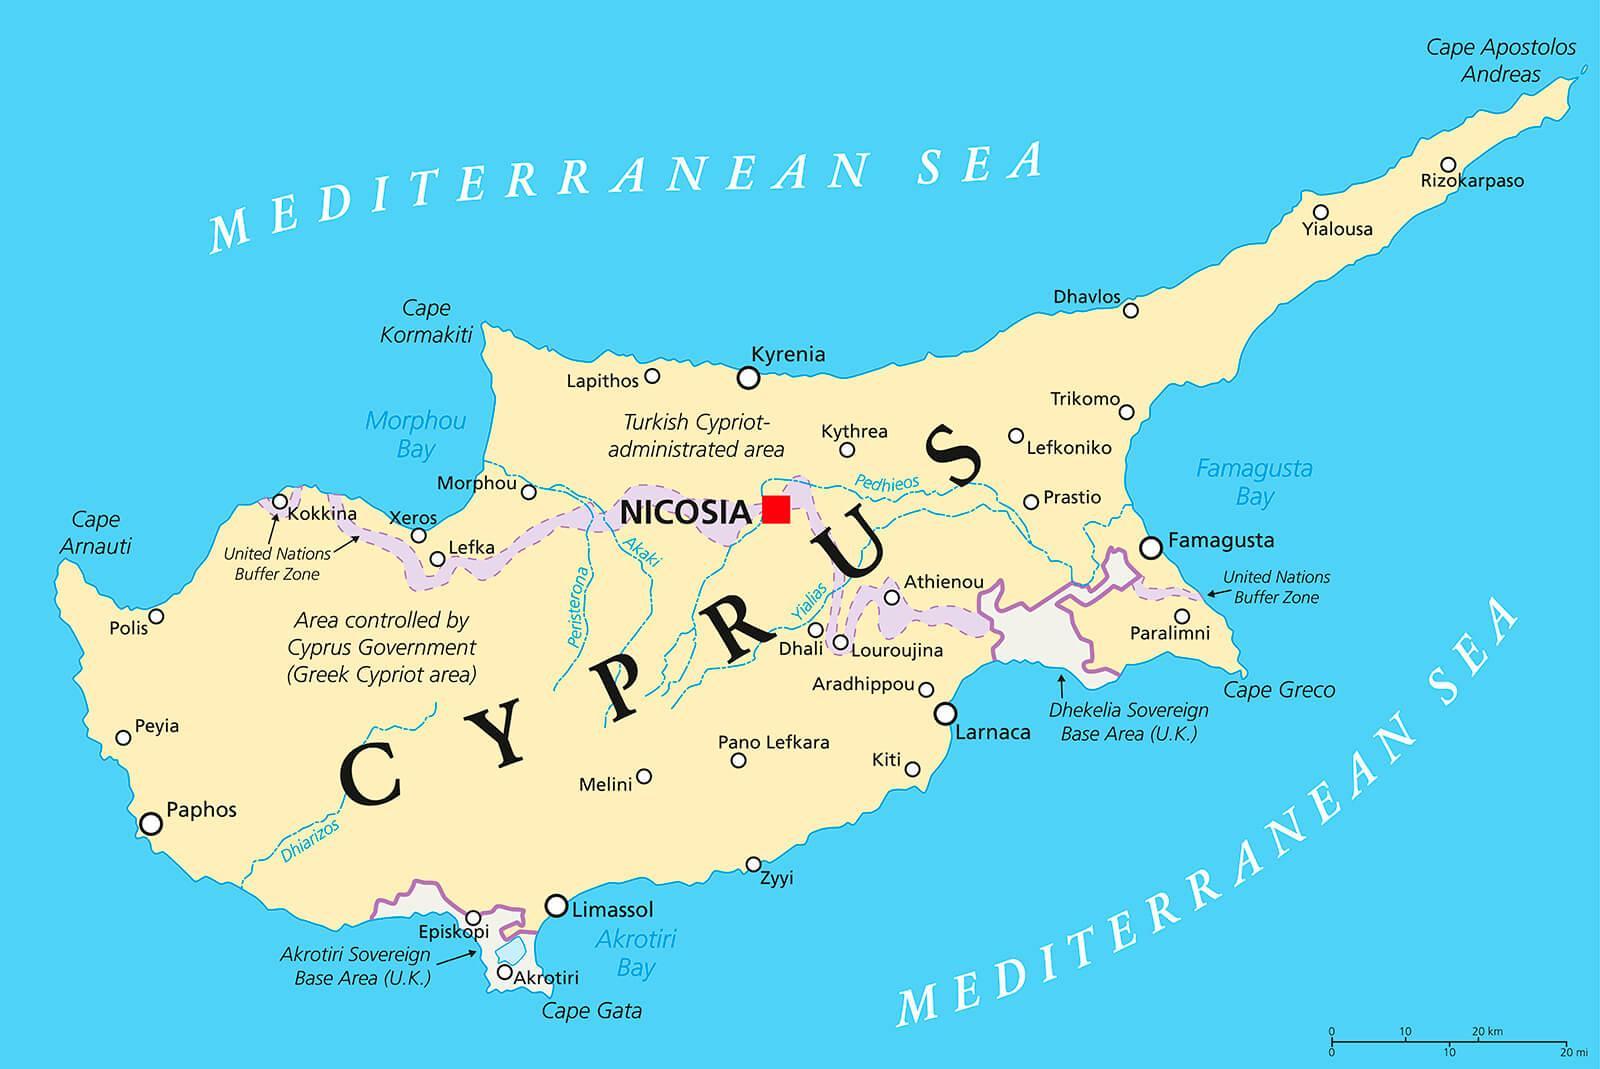 Chypre Capitale La Carte - Capitale De Chypre De La Carte intérieur Carte Capitale Europe